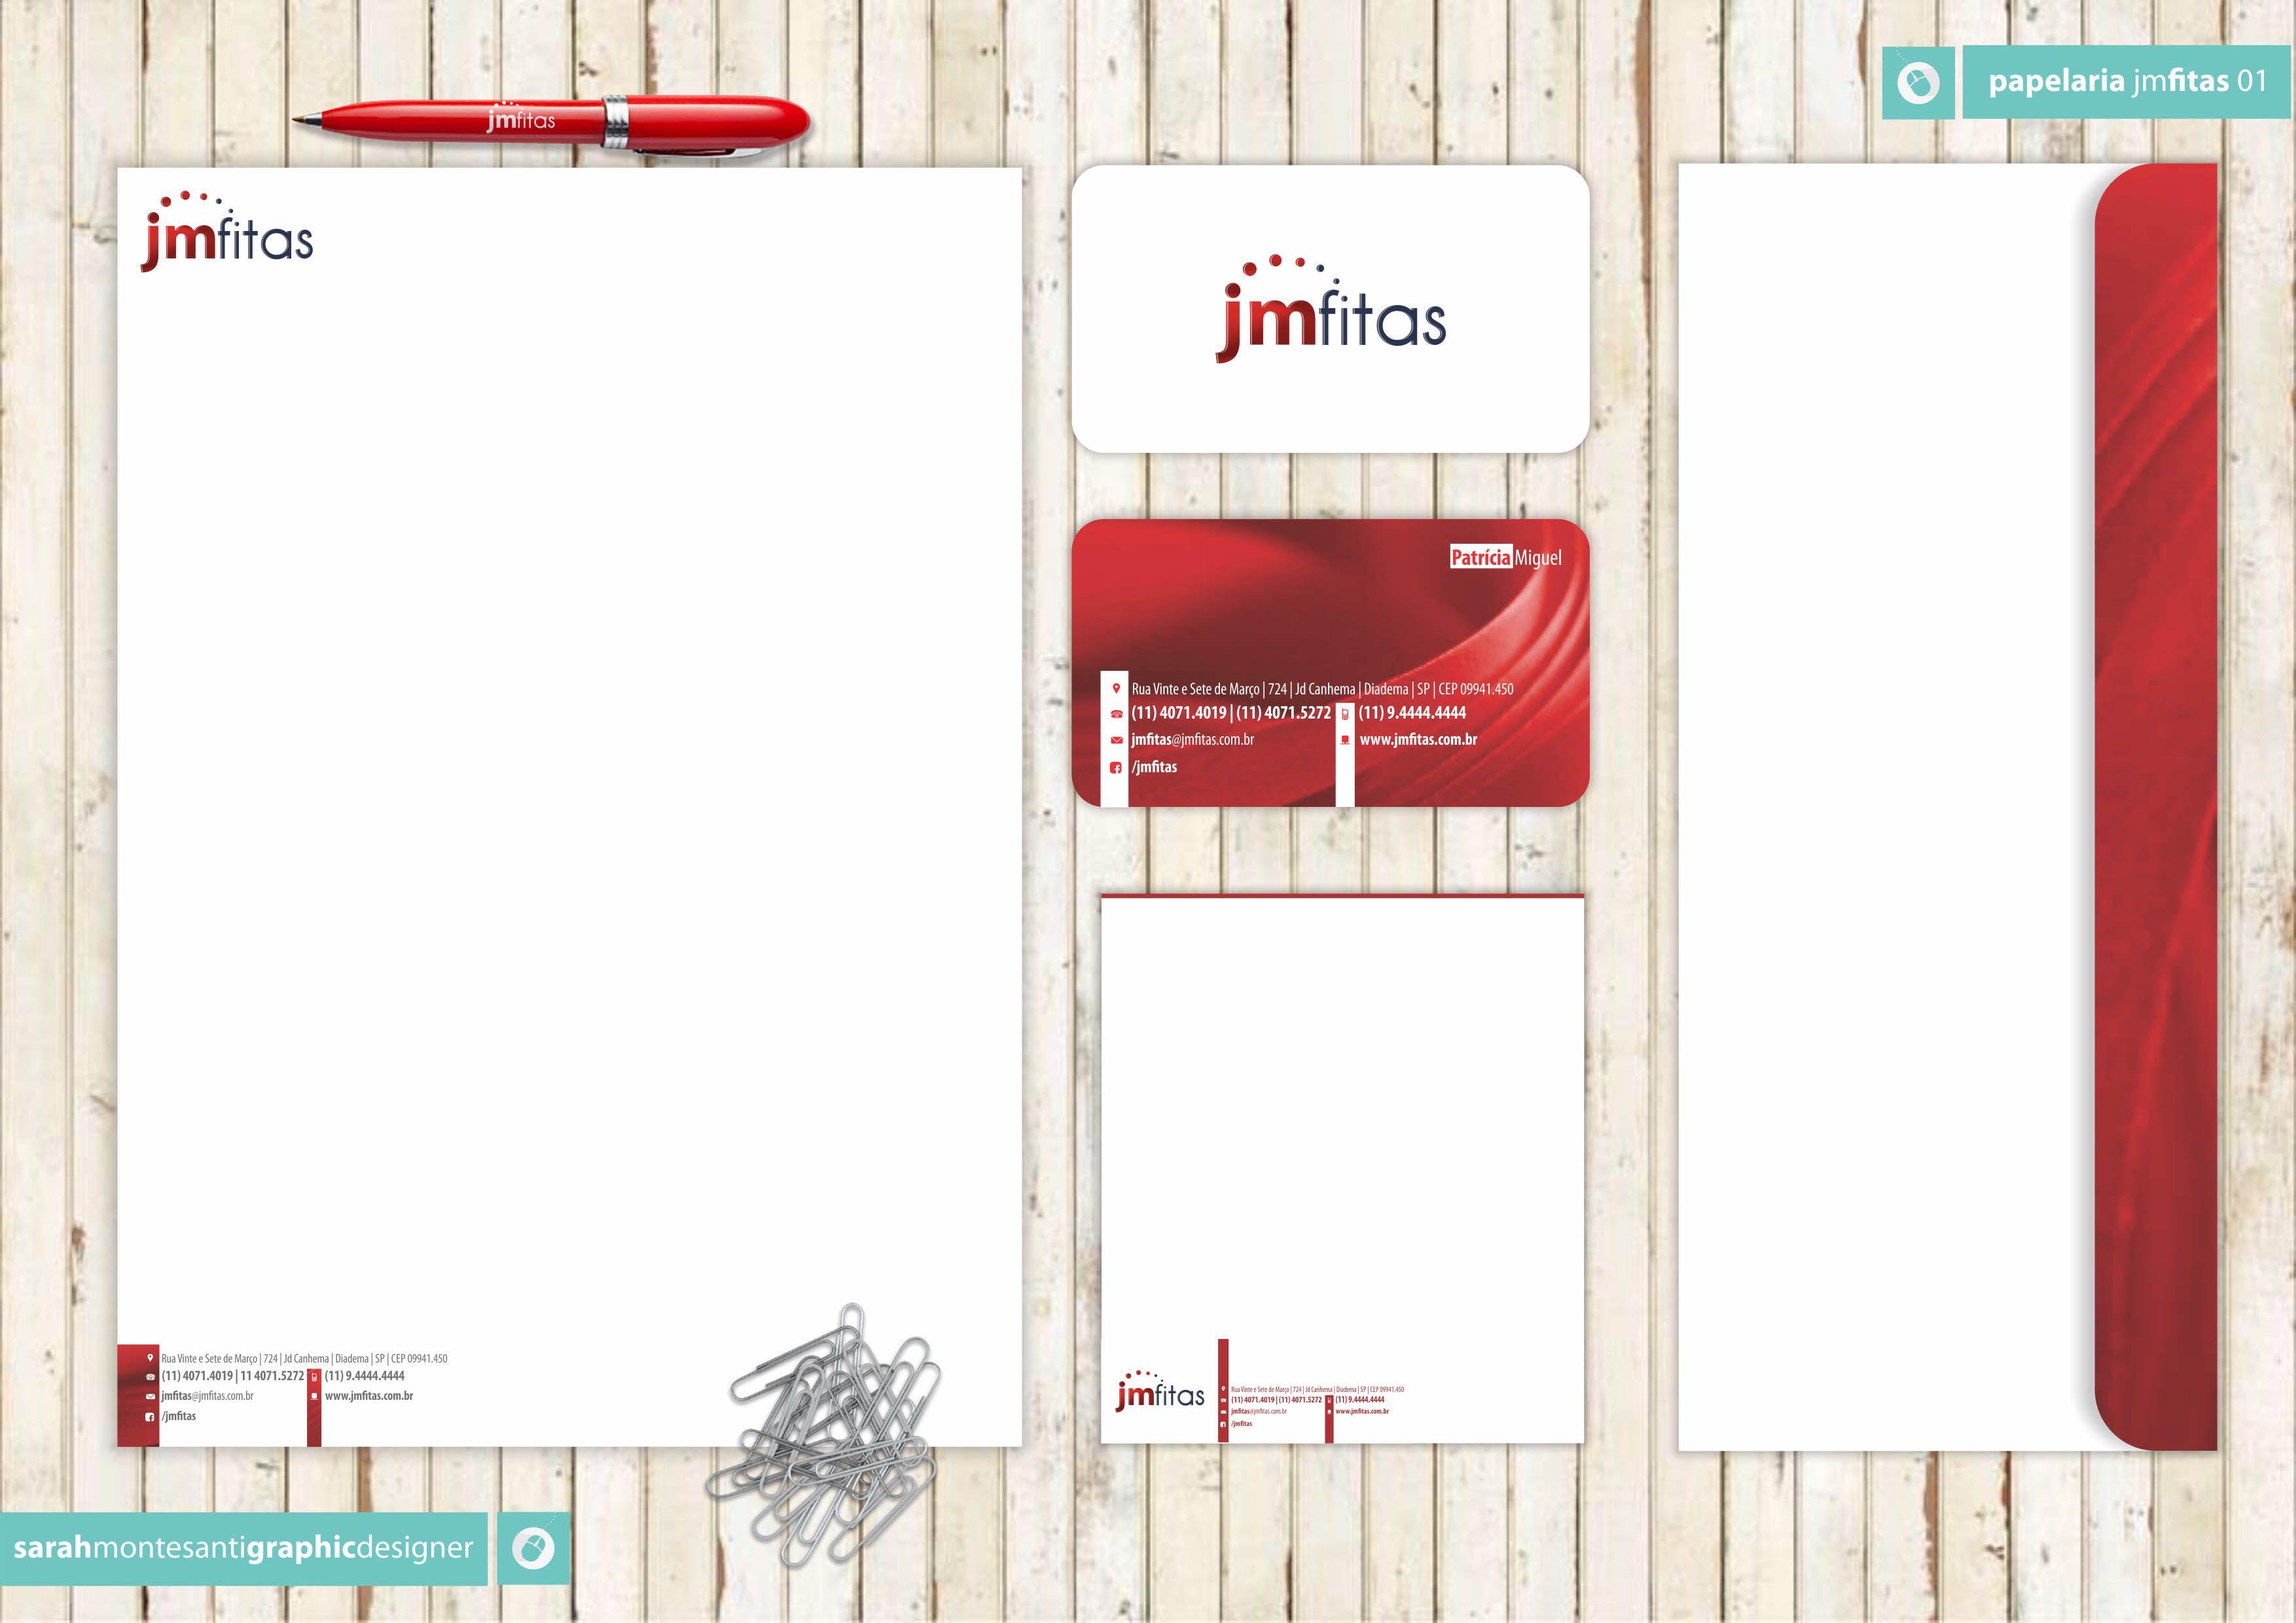 Papelaria Completa Cliente: JM Fitas